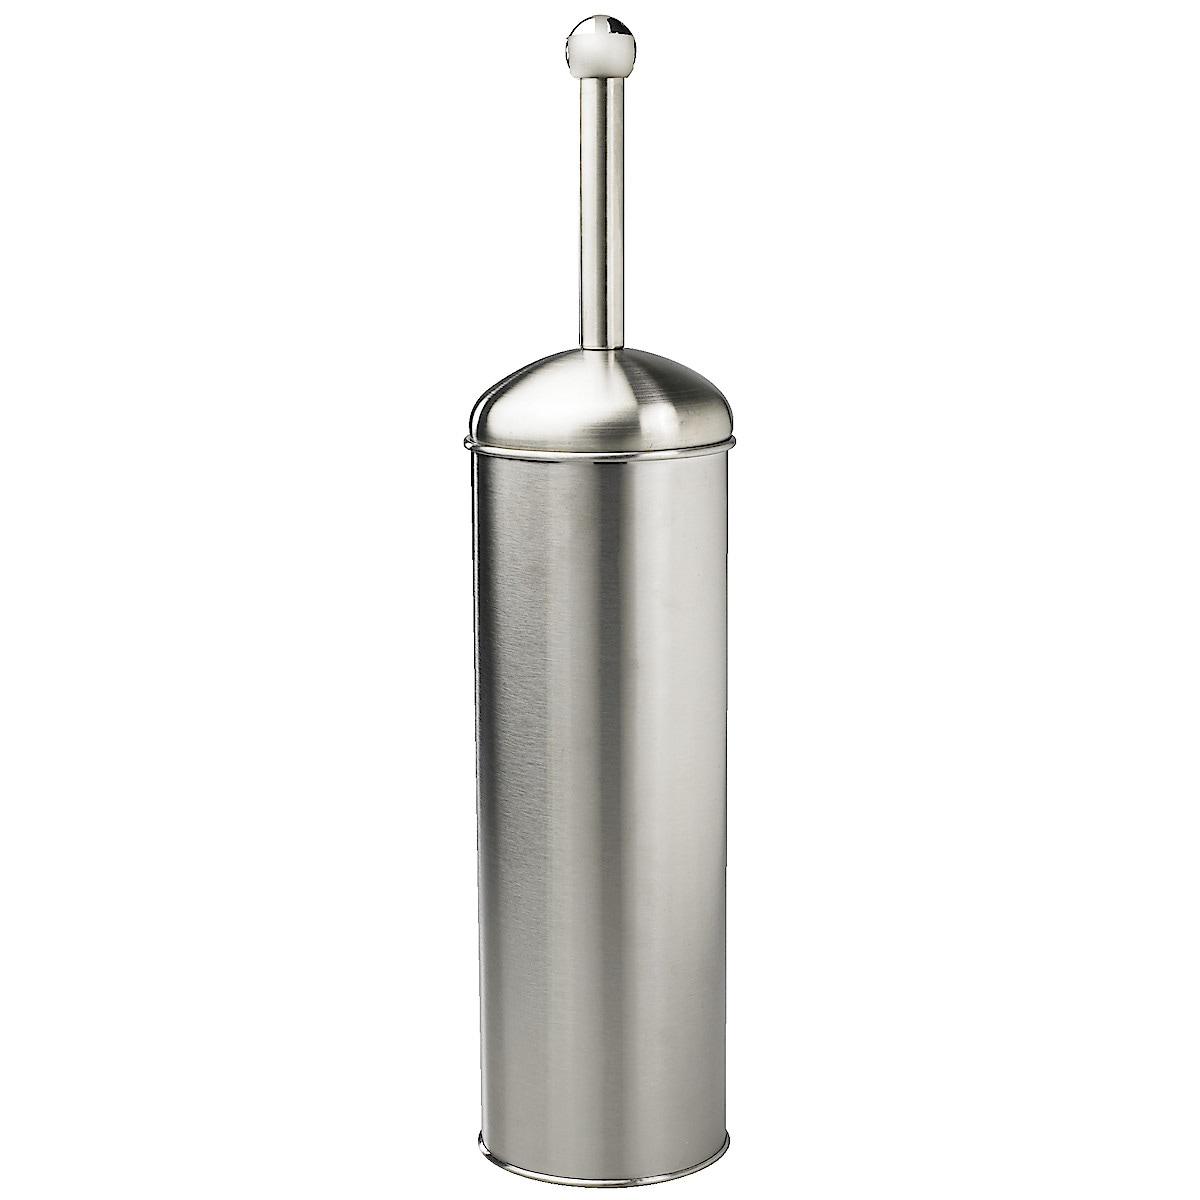 Toalettbørste med beholder, rustfritt stål